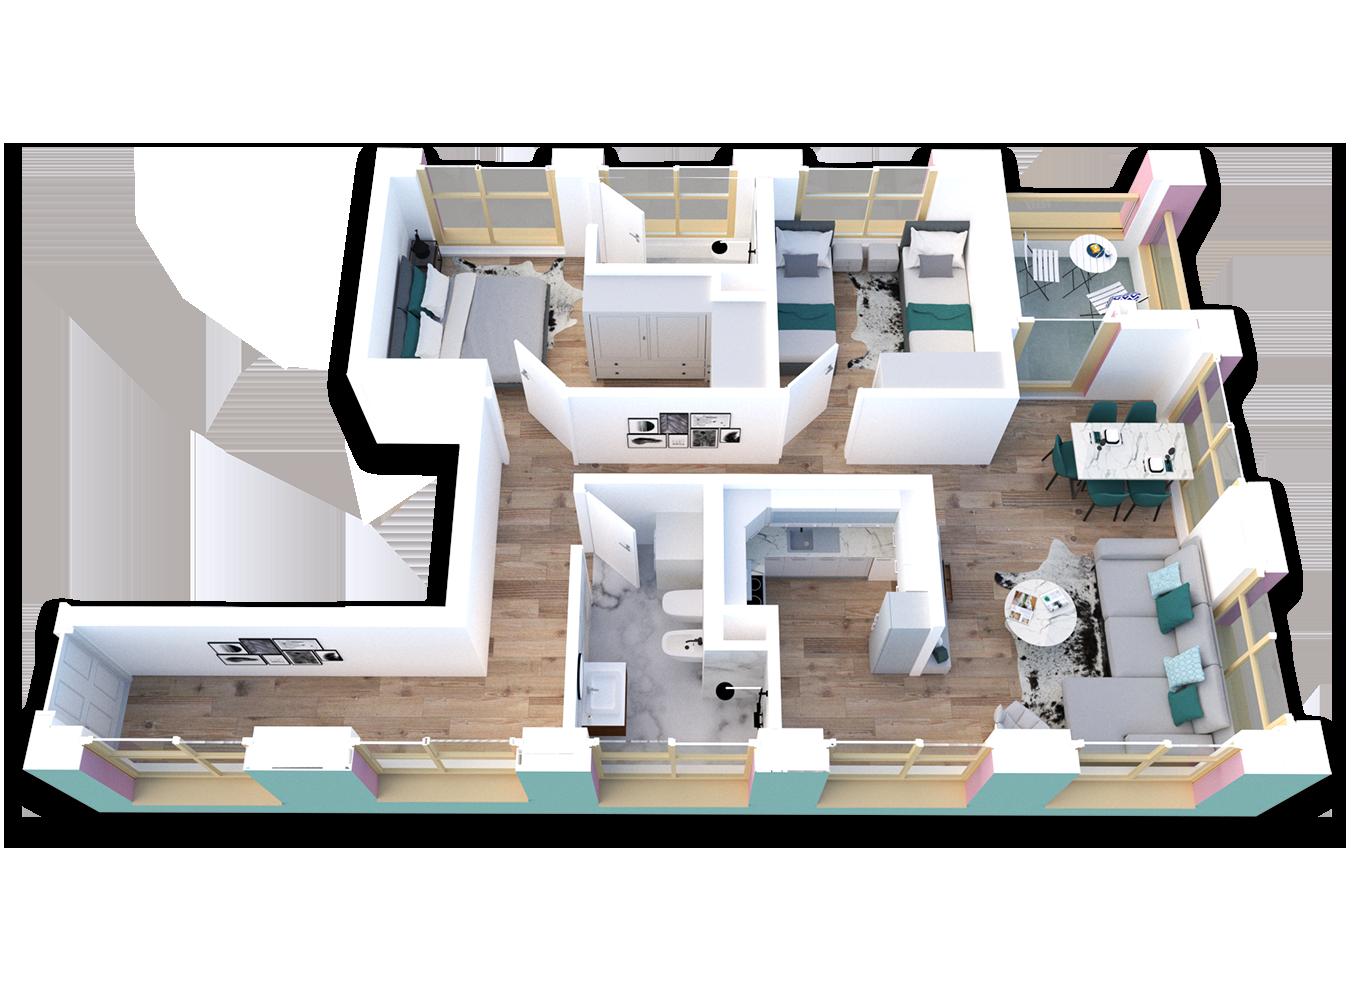 Apartament 2+1 në shitje në Tiranë - Mangalem 21 Shkalla 23 Kati 3